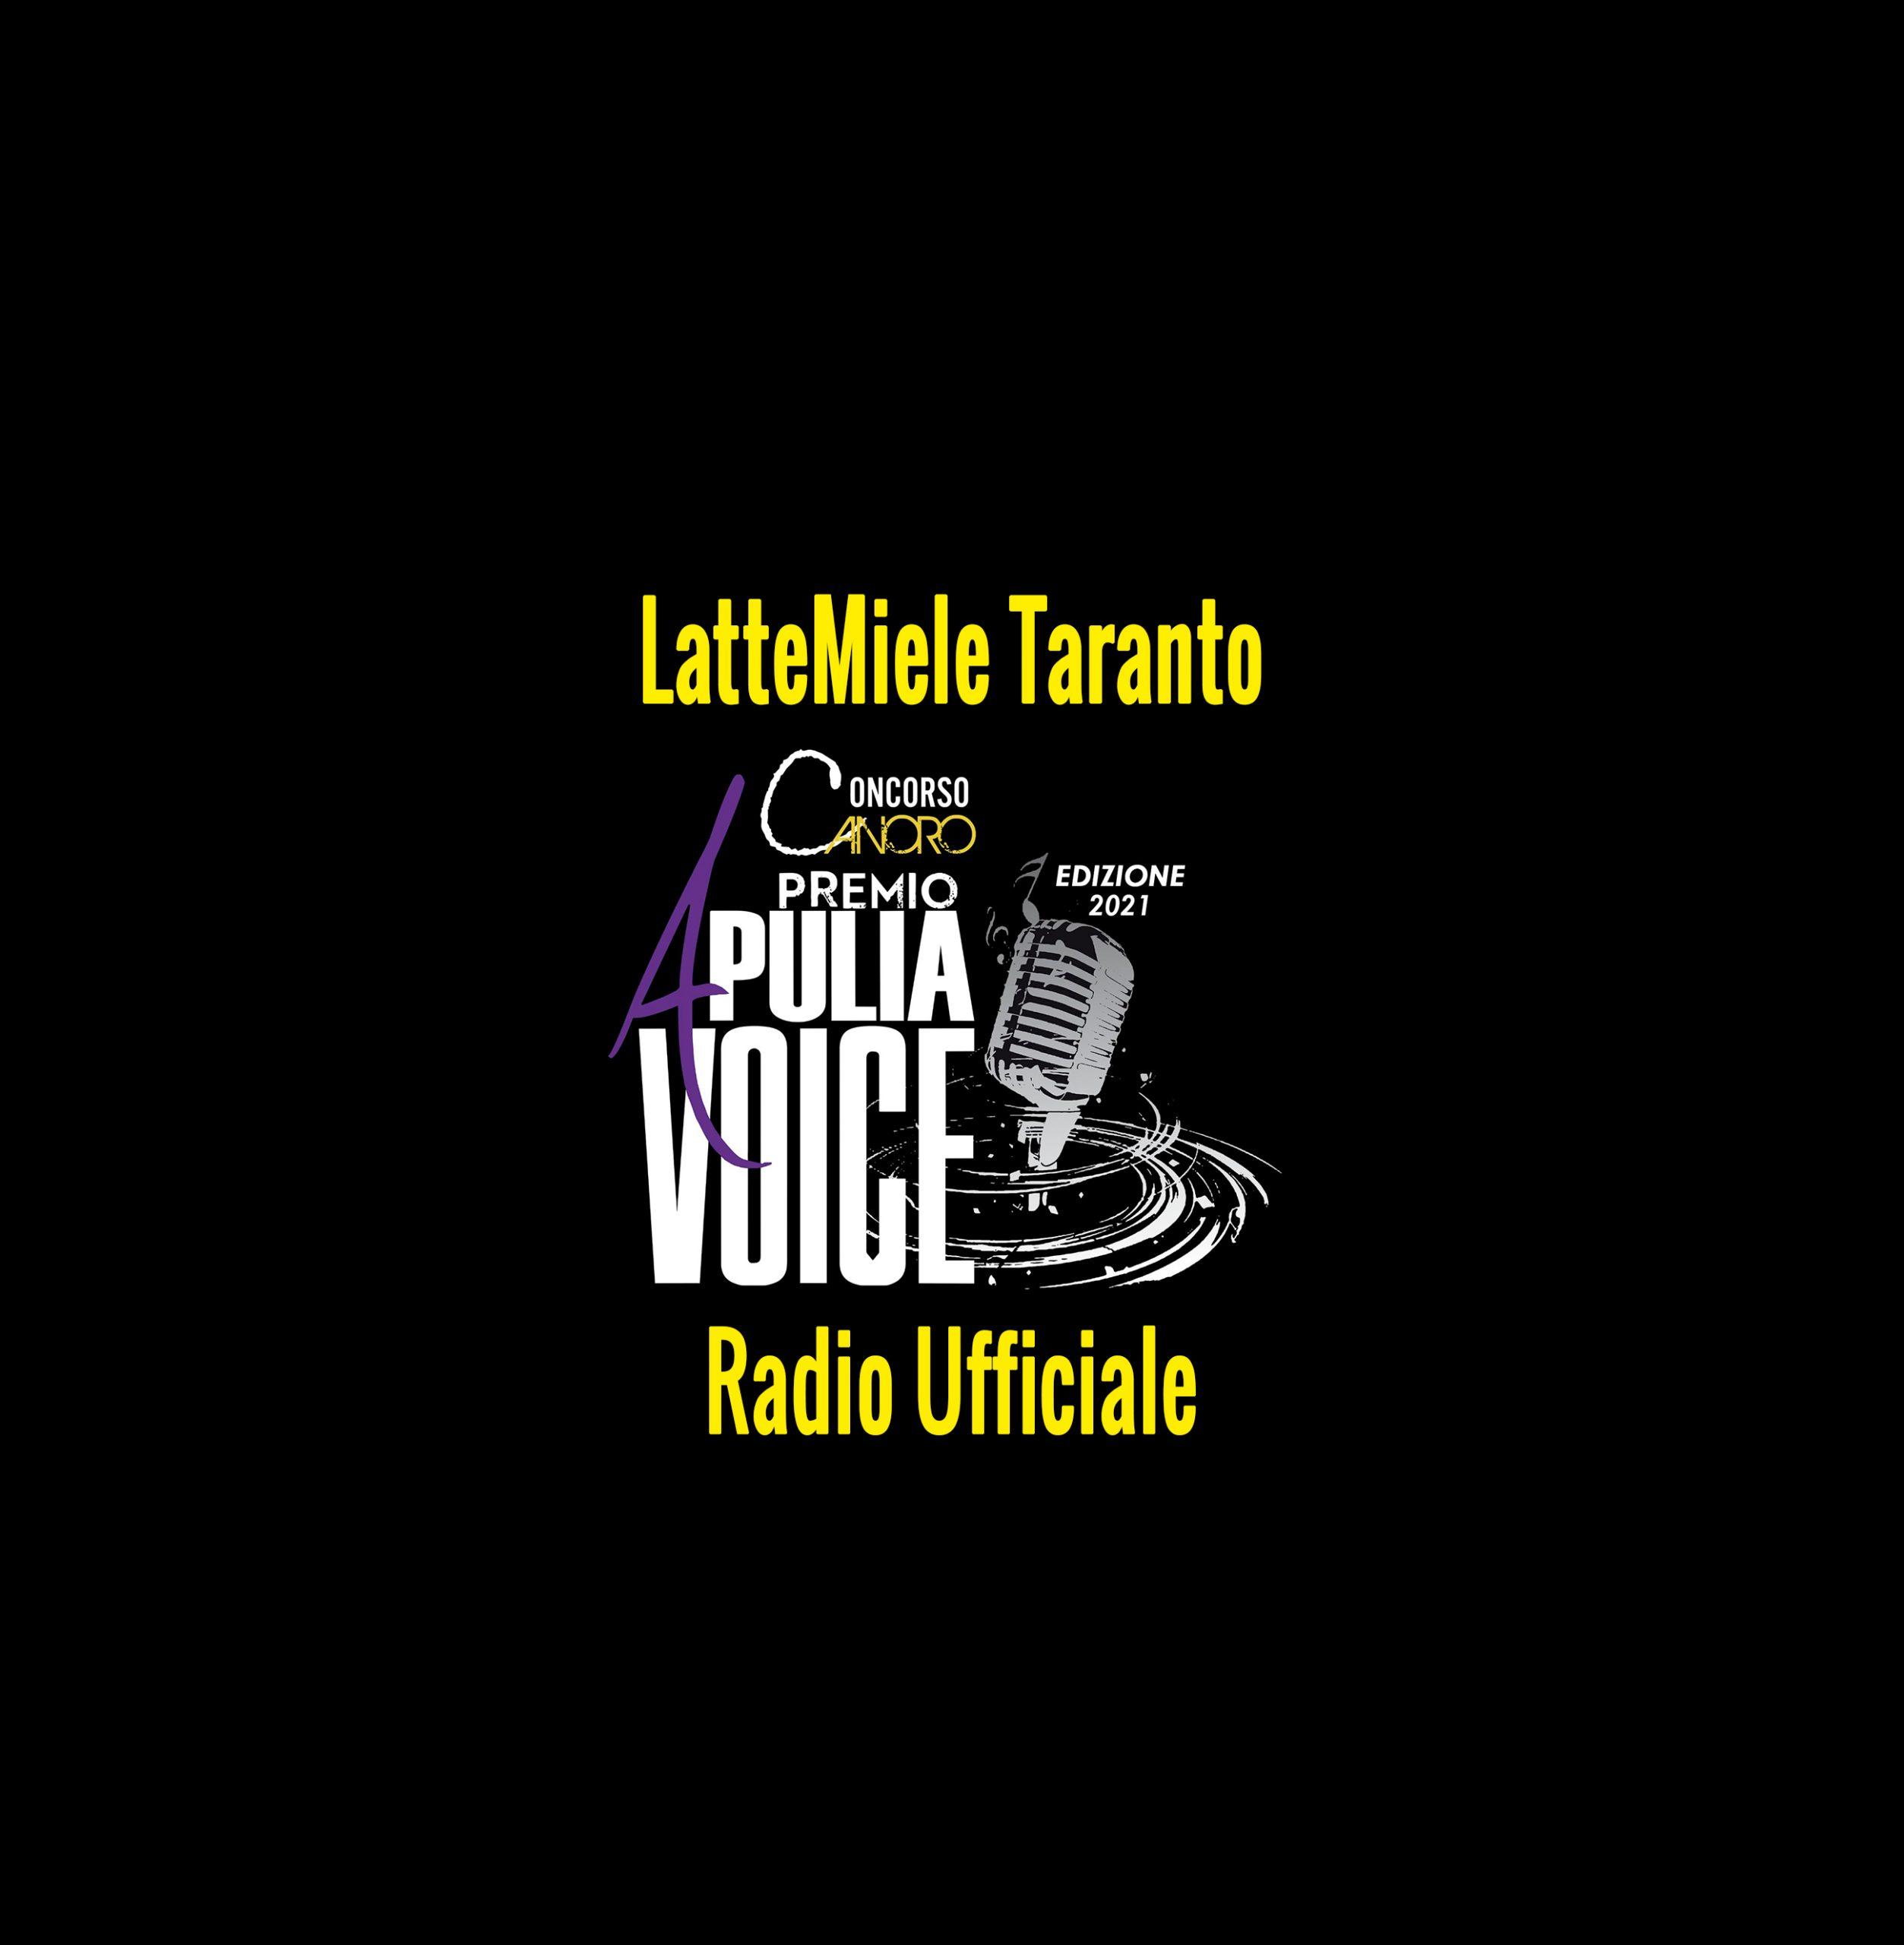 Radio Lattemiele Taranto Concorso Canoro Apulia Voice